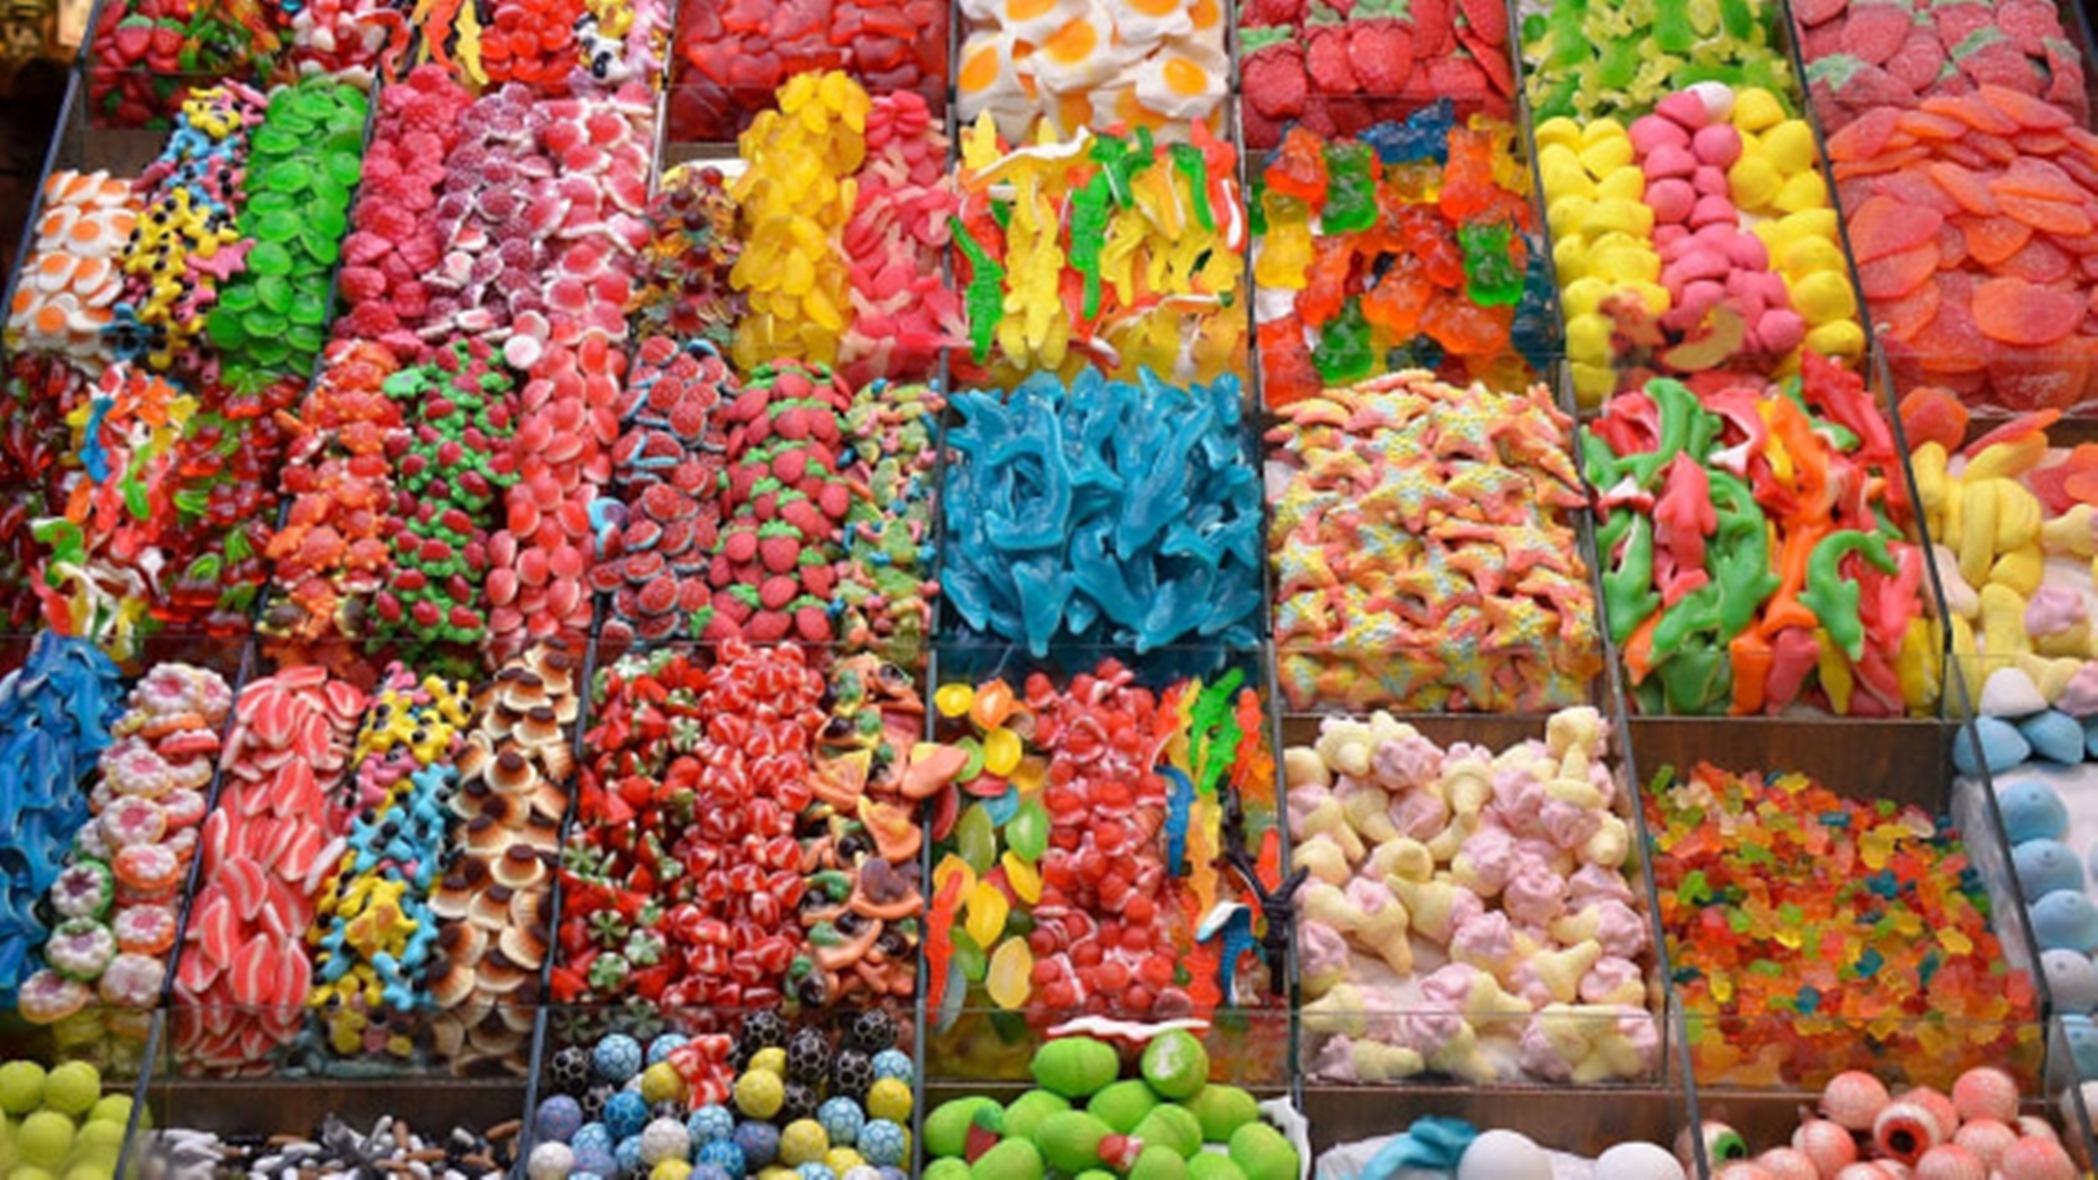 5 Makanan Yang Wajib Dihindari dan Tidak Dikonsumsi Saat Perut Kosong 7